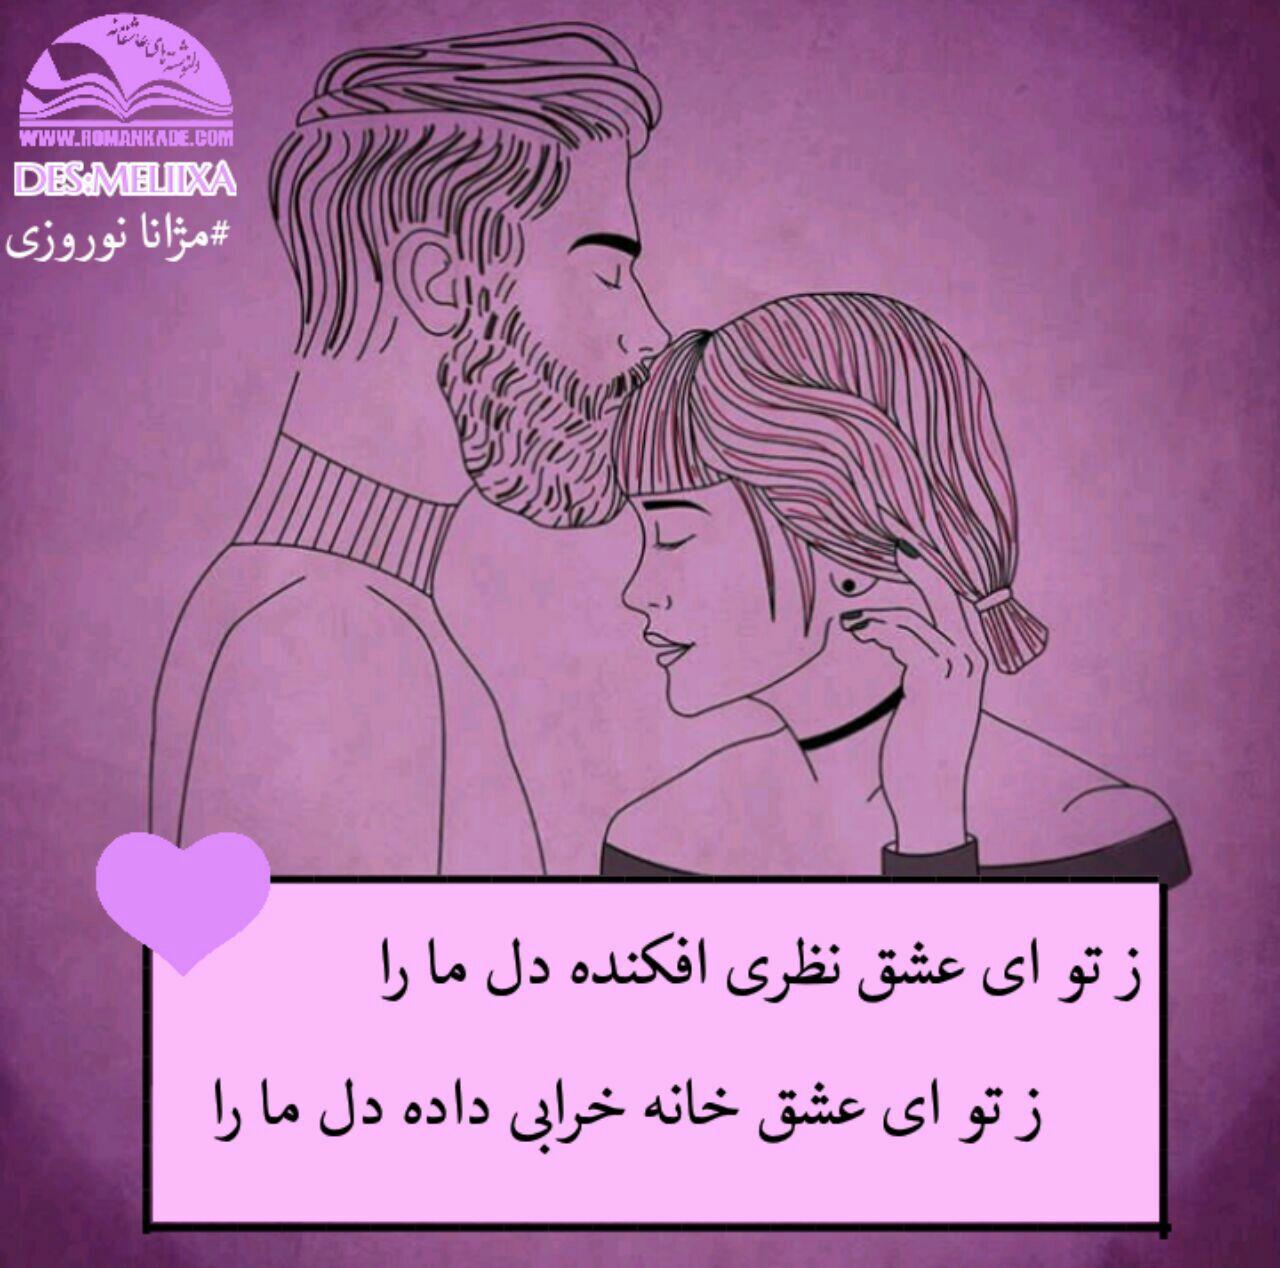 دل نوشته ی ز تو ای عشق